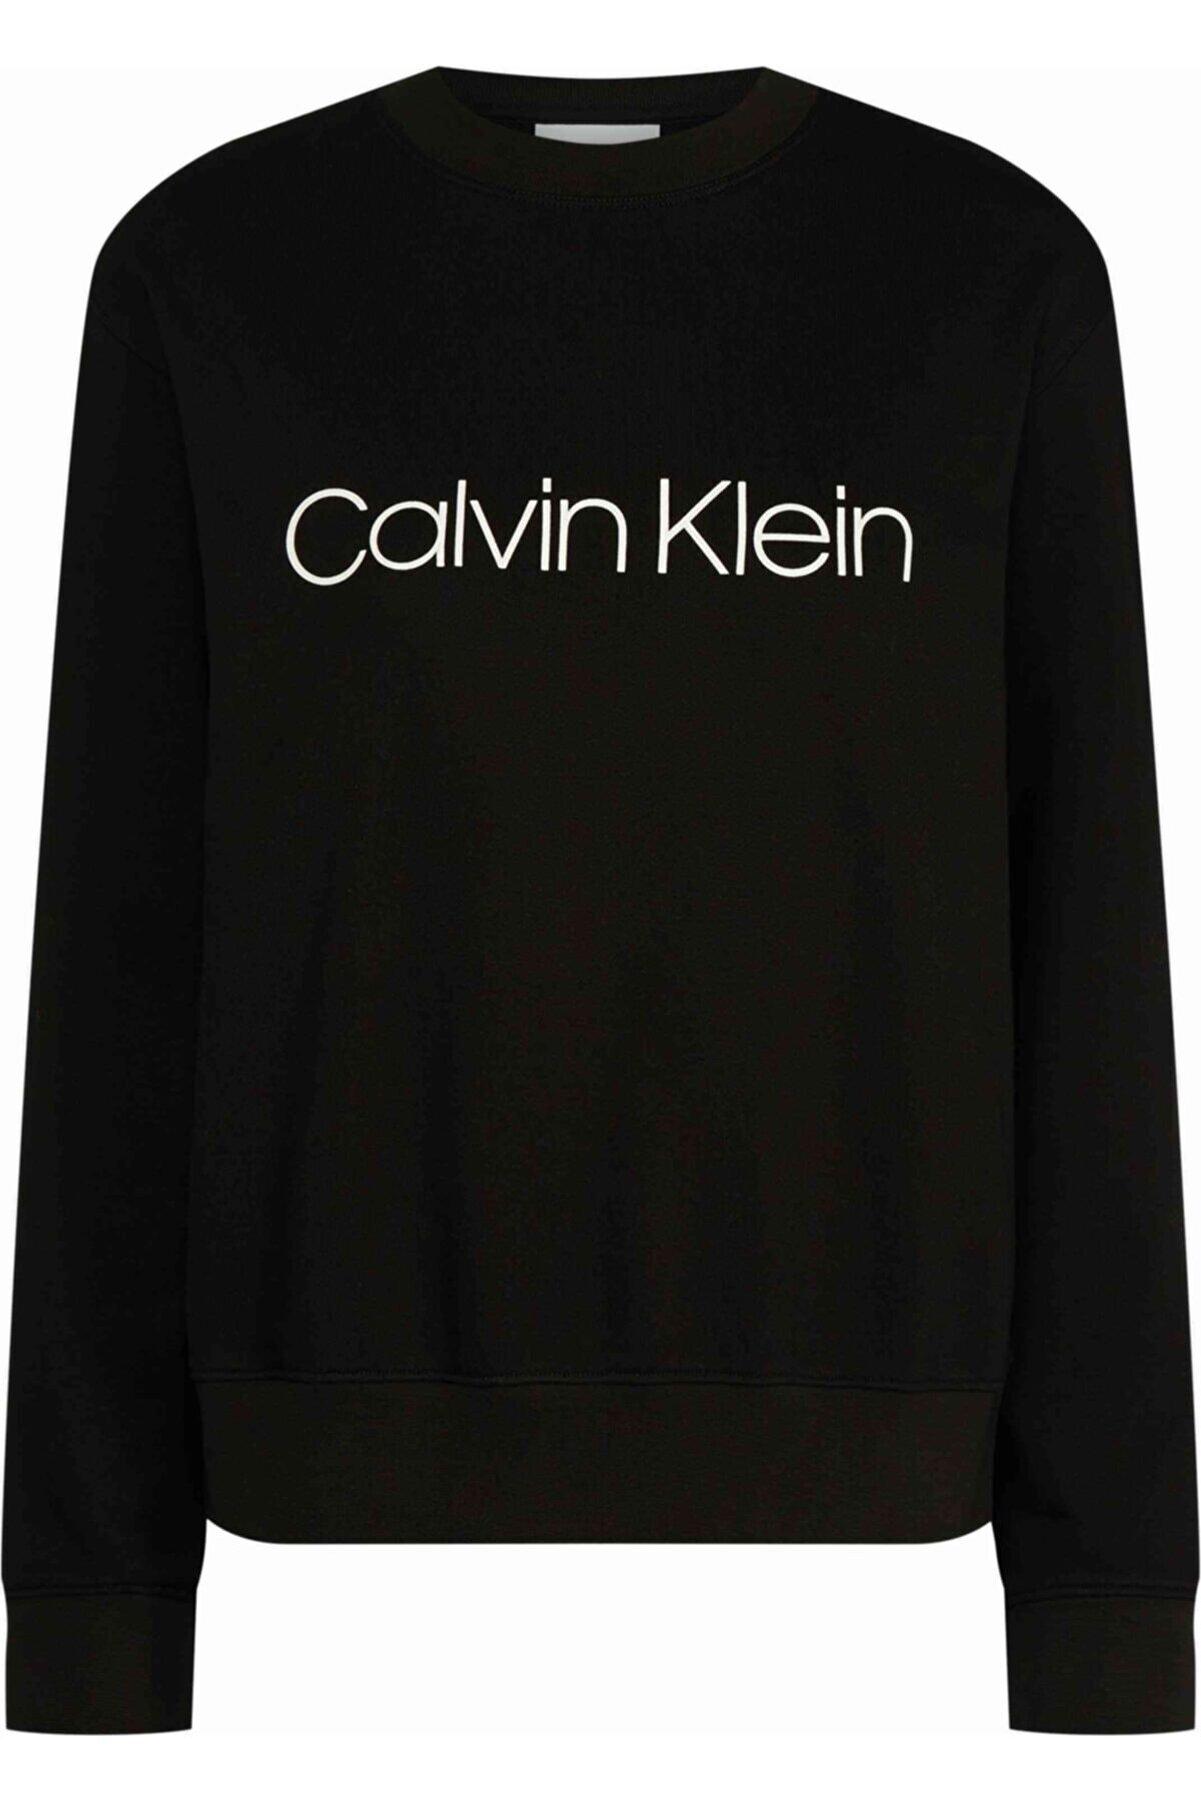 Calvin Klein Ck Kadın Sıyah Core Logo Prt Sweatshırt